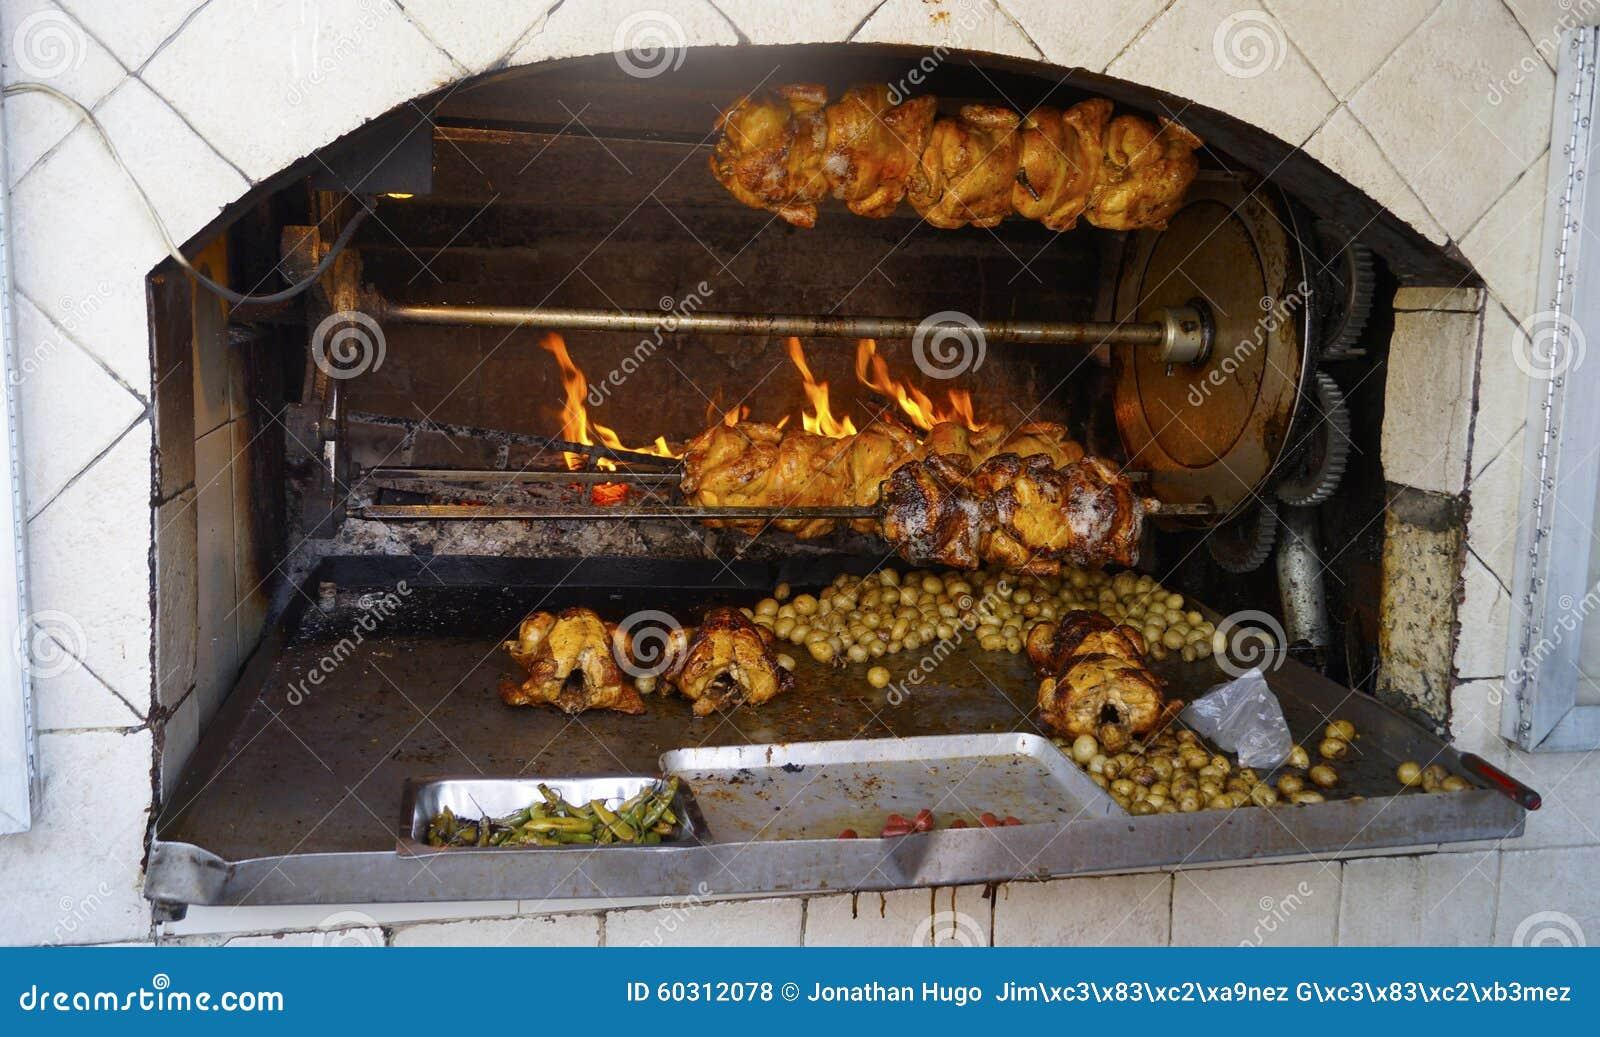 Otwiera piekarnika z niektóre grulami w nim i chikens